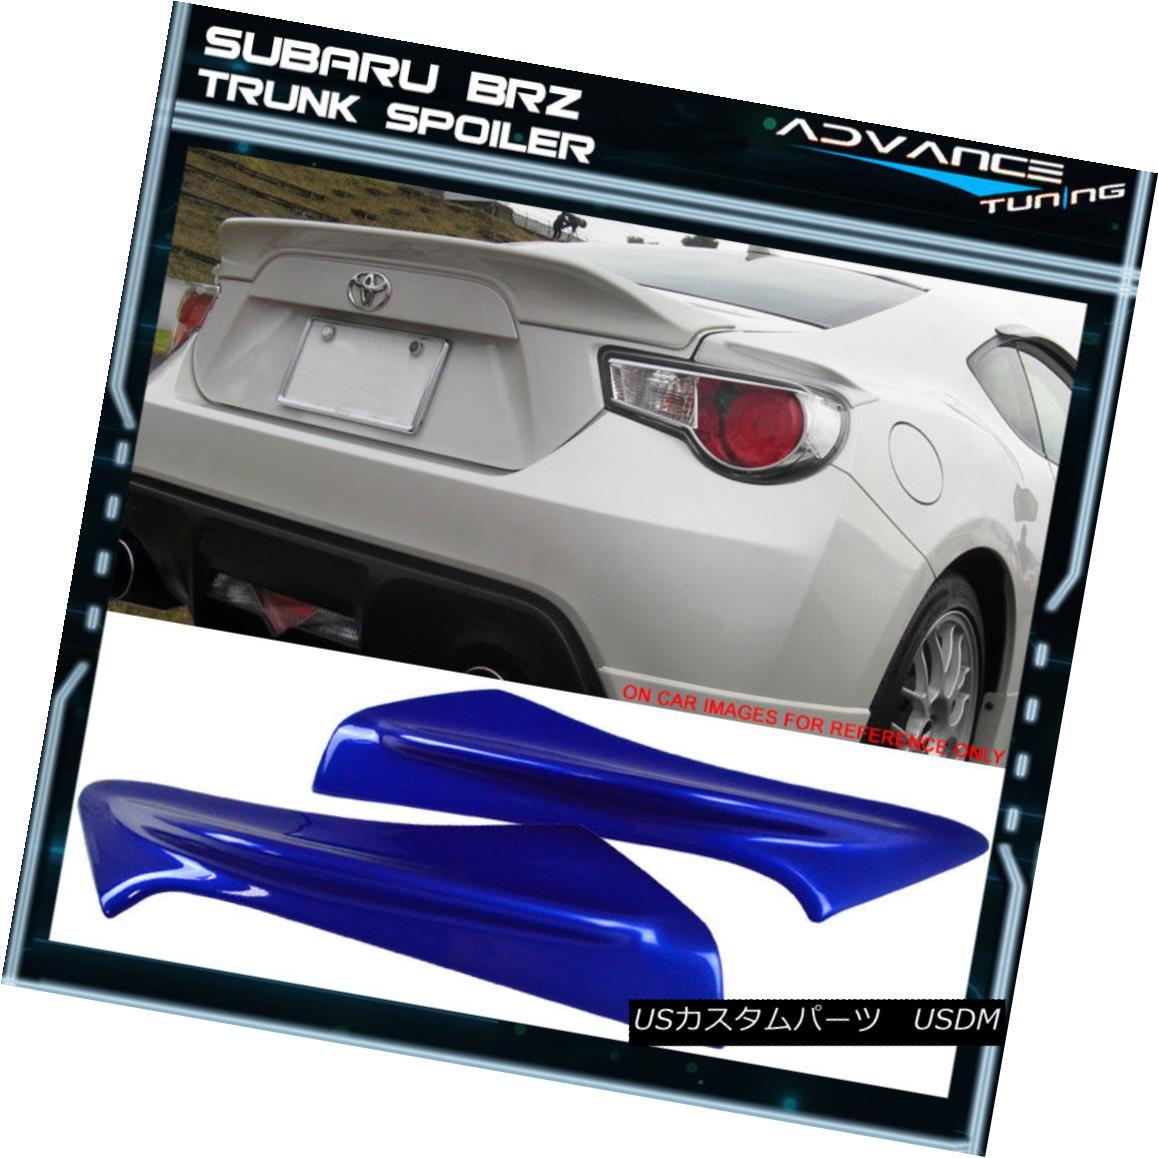 エアロパーツ Fit 13-17 Scion FR-S Subaru BRZ TR-D Trunk Spoiler Painted #K7X Wr Blue Pearl フィット13-17サイオンFR-SスバルBRZ TR-Dトランクスポイラー#K7X Wrブルーパール